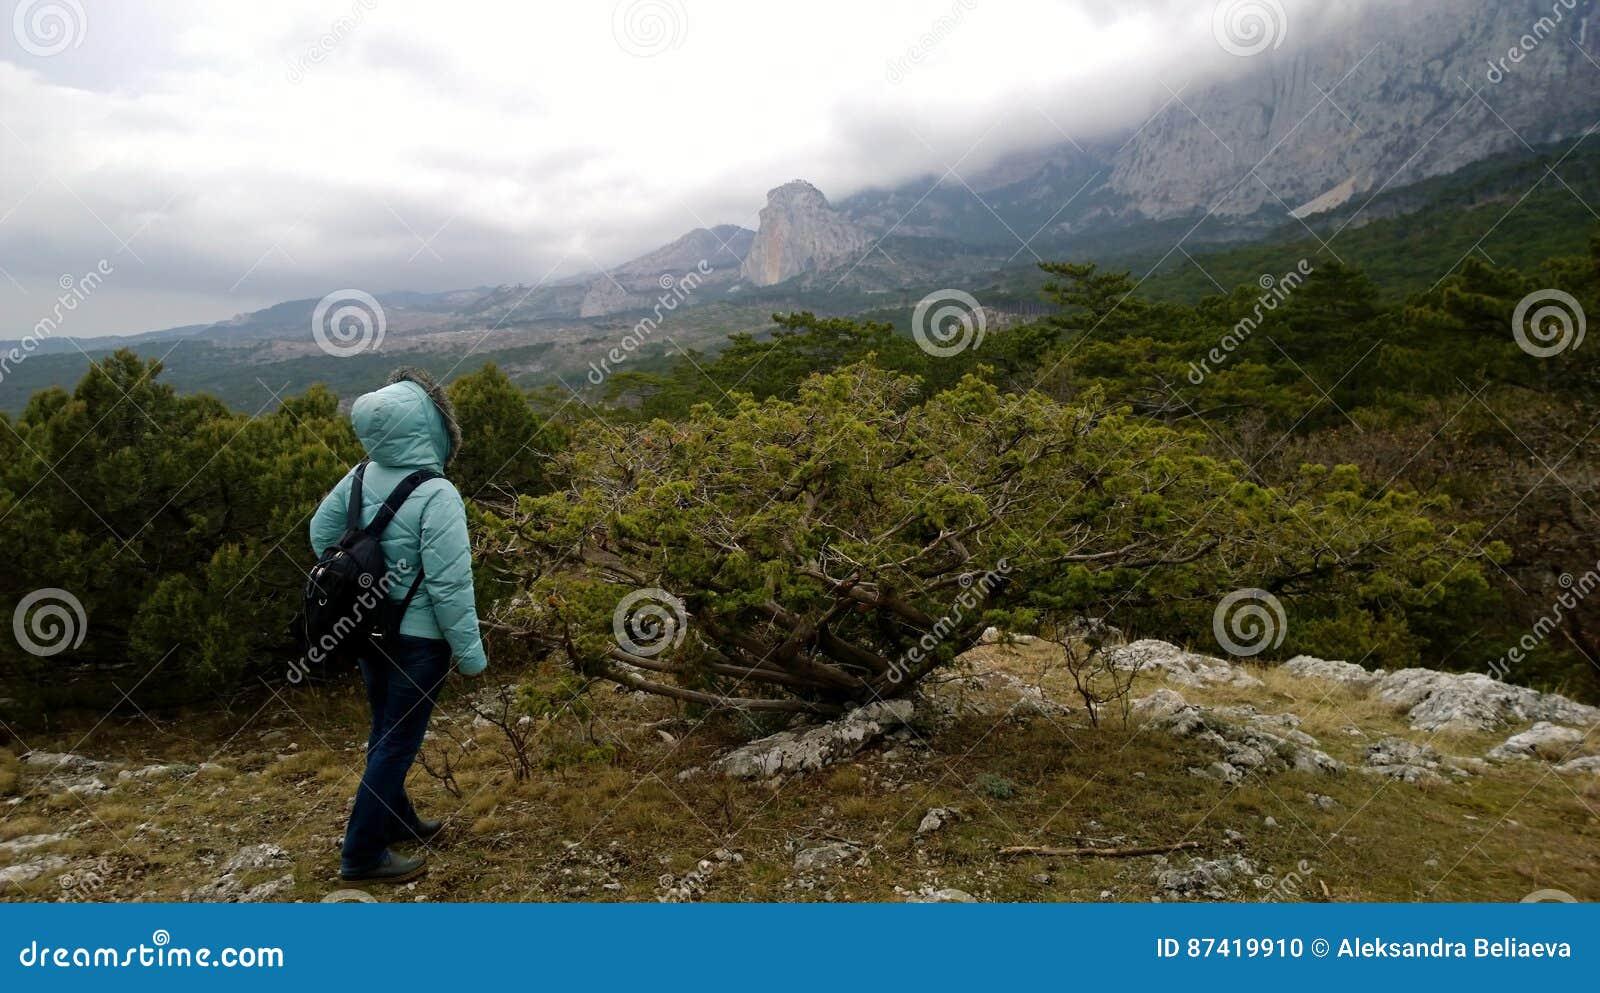 En kvinna med en ryggsäck står på en pittoresk bergstopp och ser in i  avståndet på bergen Molnigt väder Slapp fokus b46db1417b97c